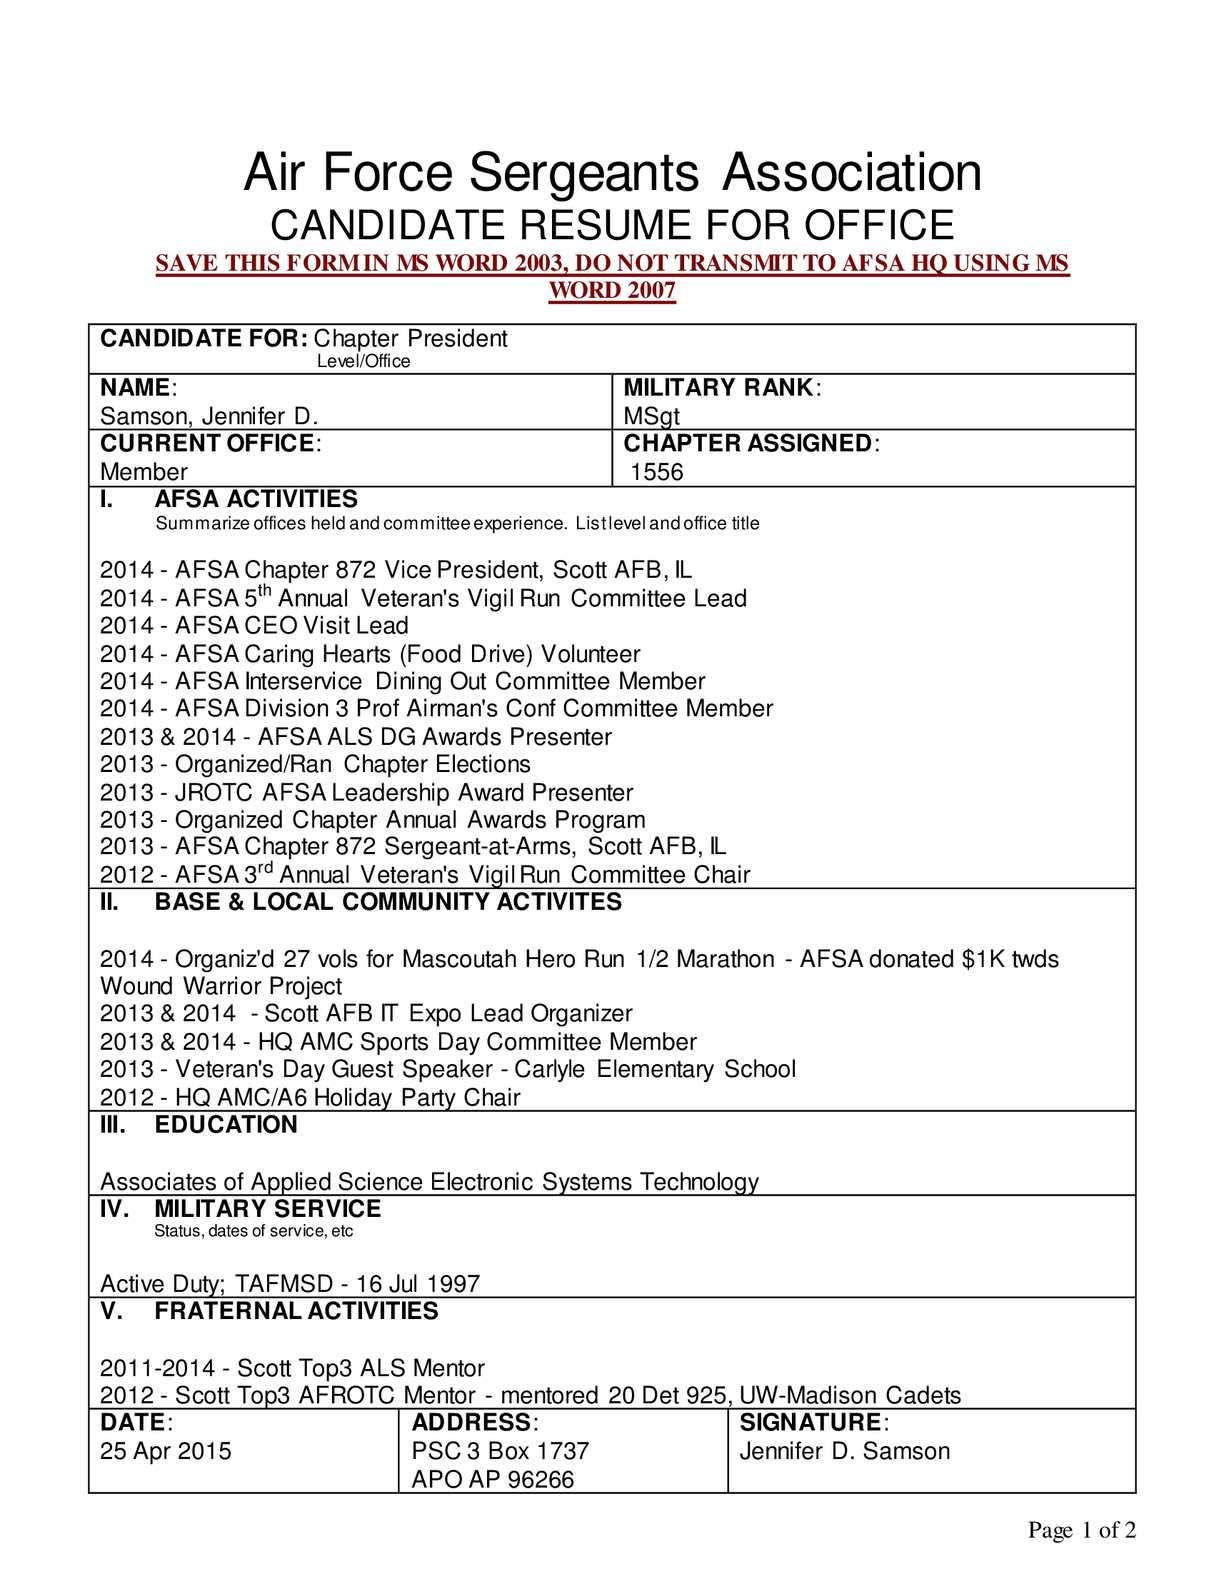 calam eacute o afsa resume chapter president msgt samson jennifer